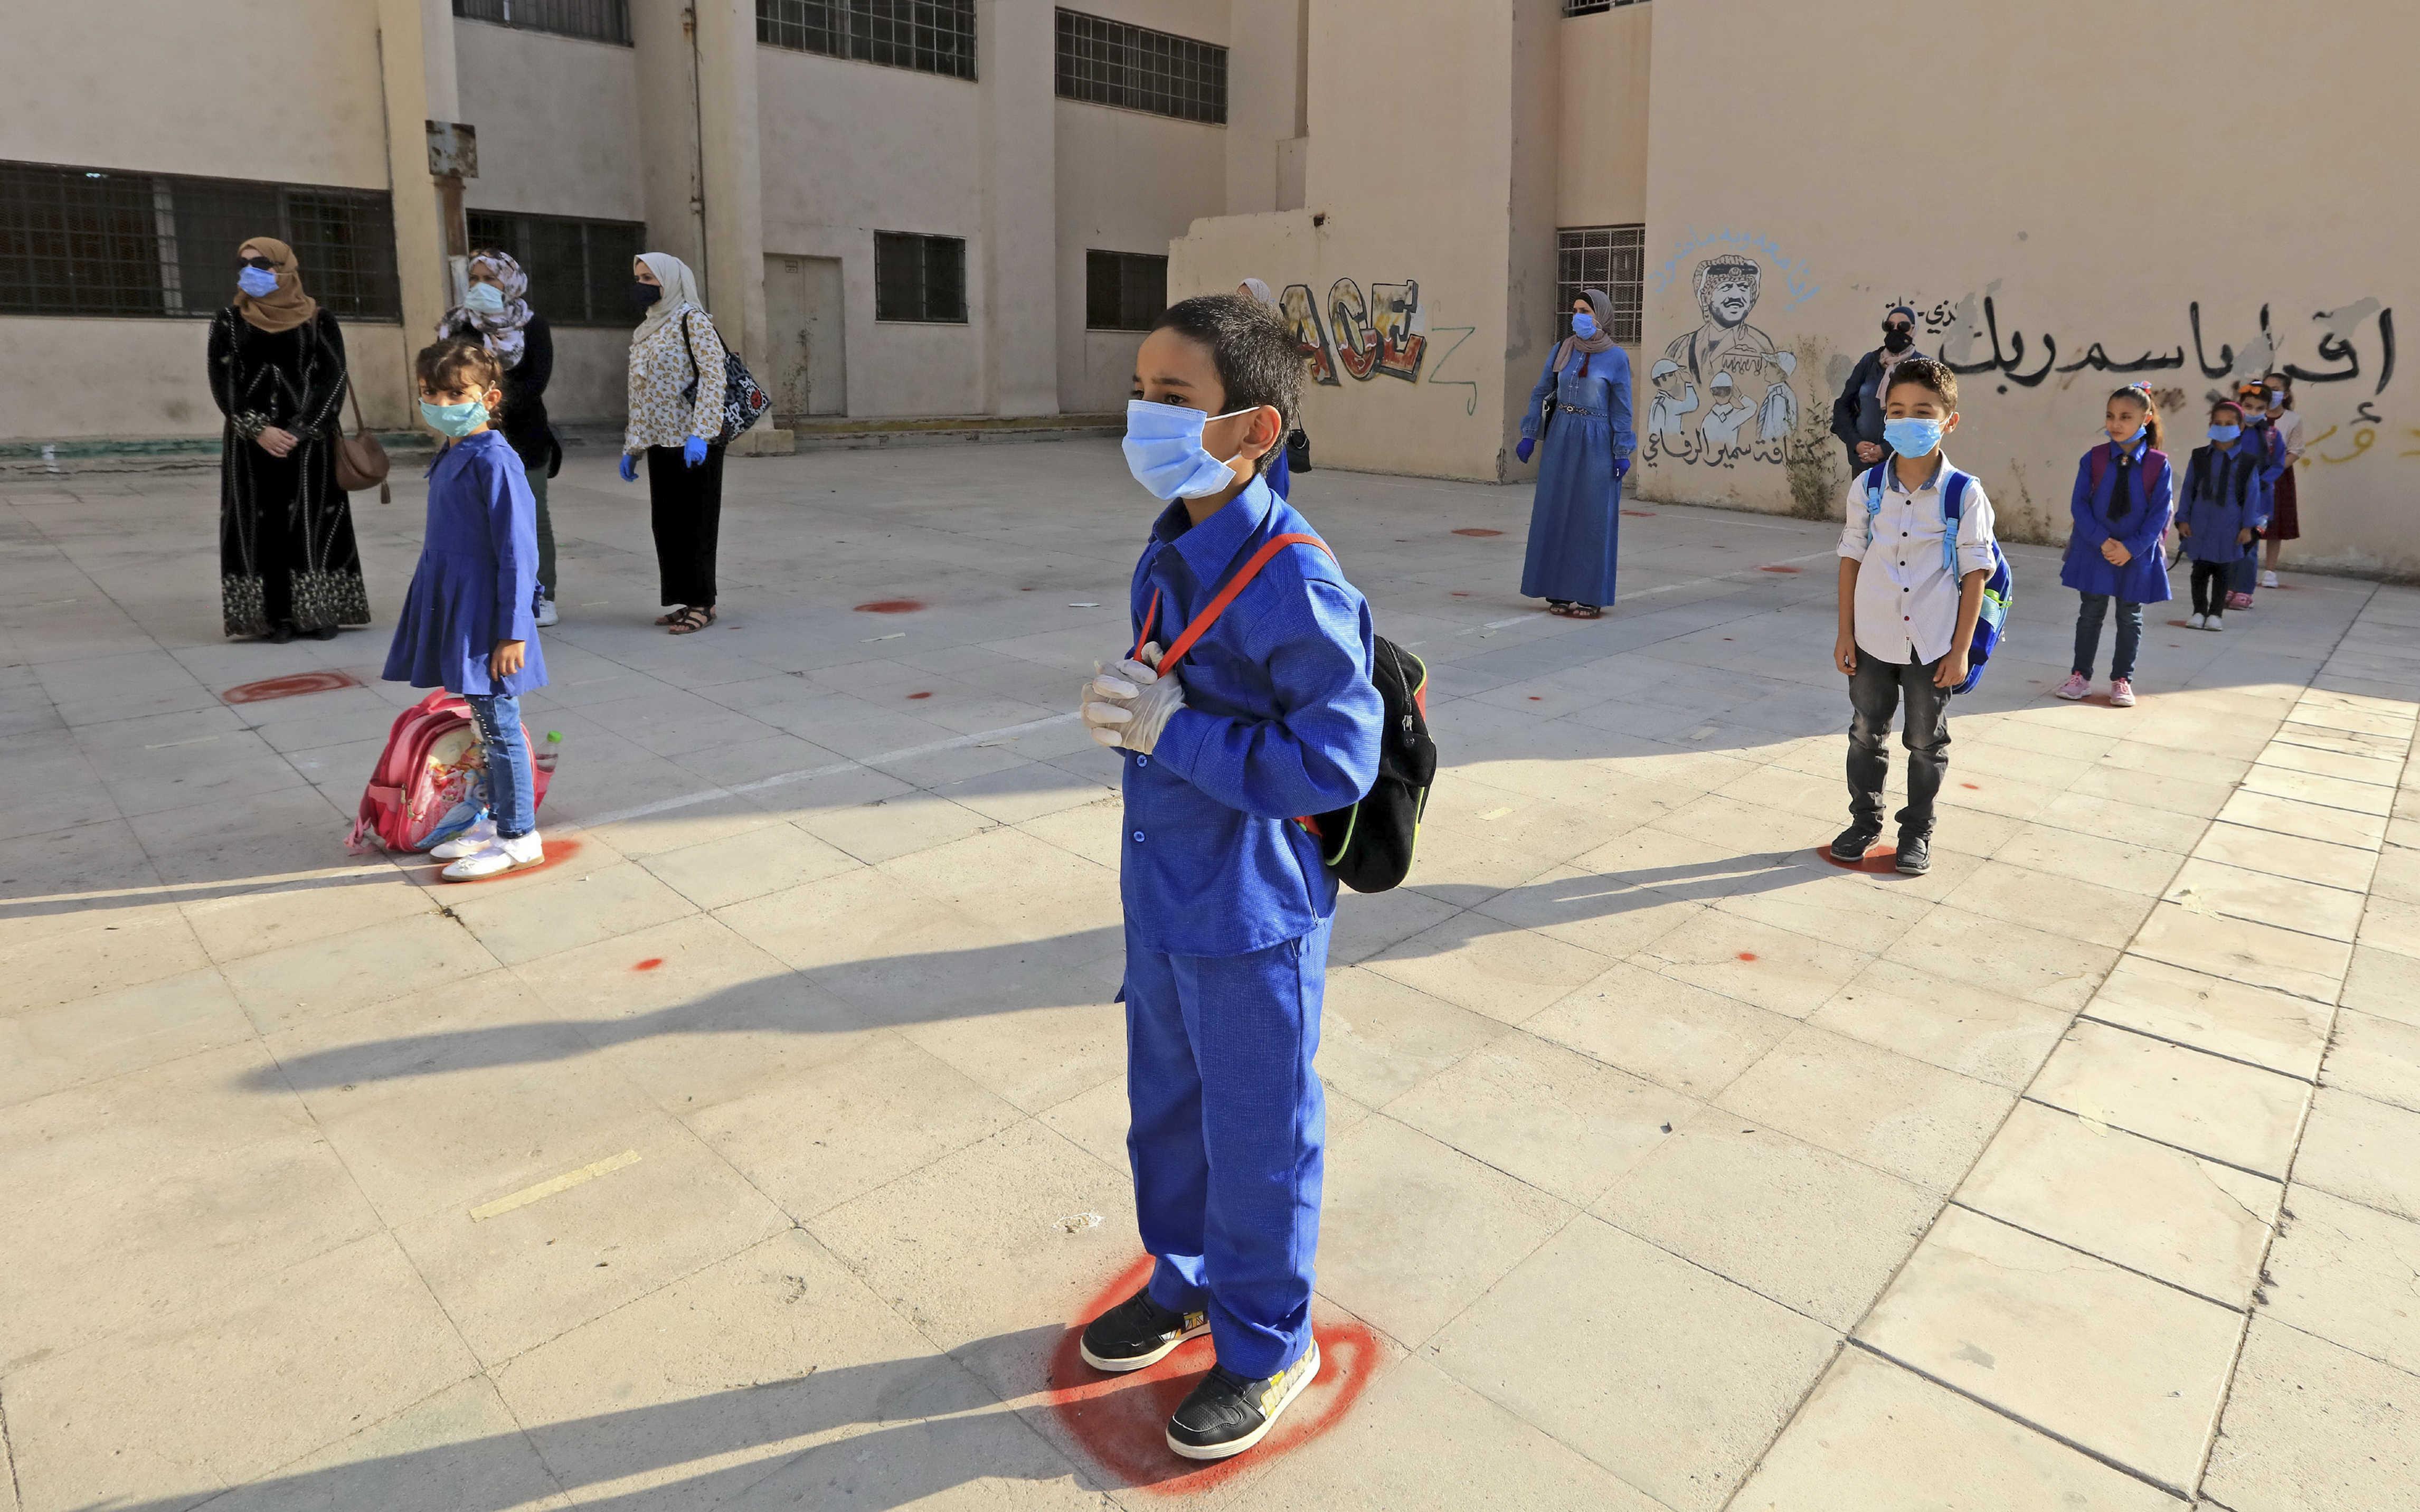 عودة المدارس ما بين الاستعداد الحكومي و الترحيب الشعبي